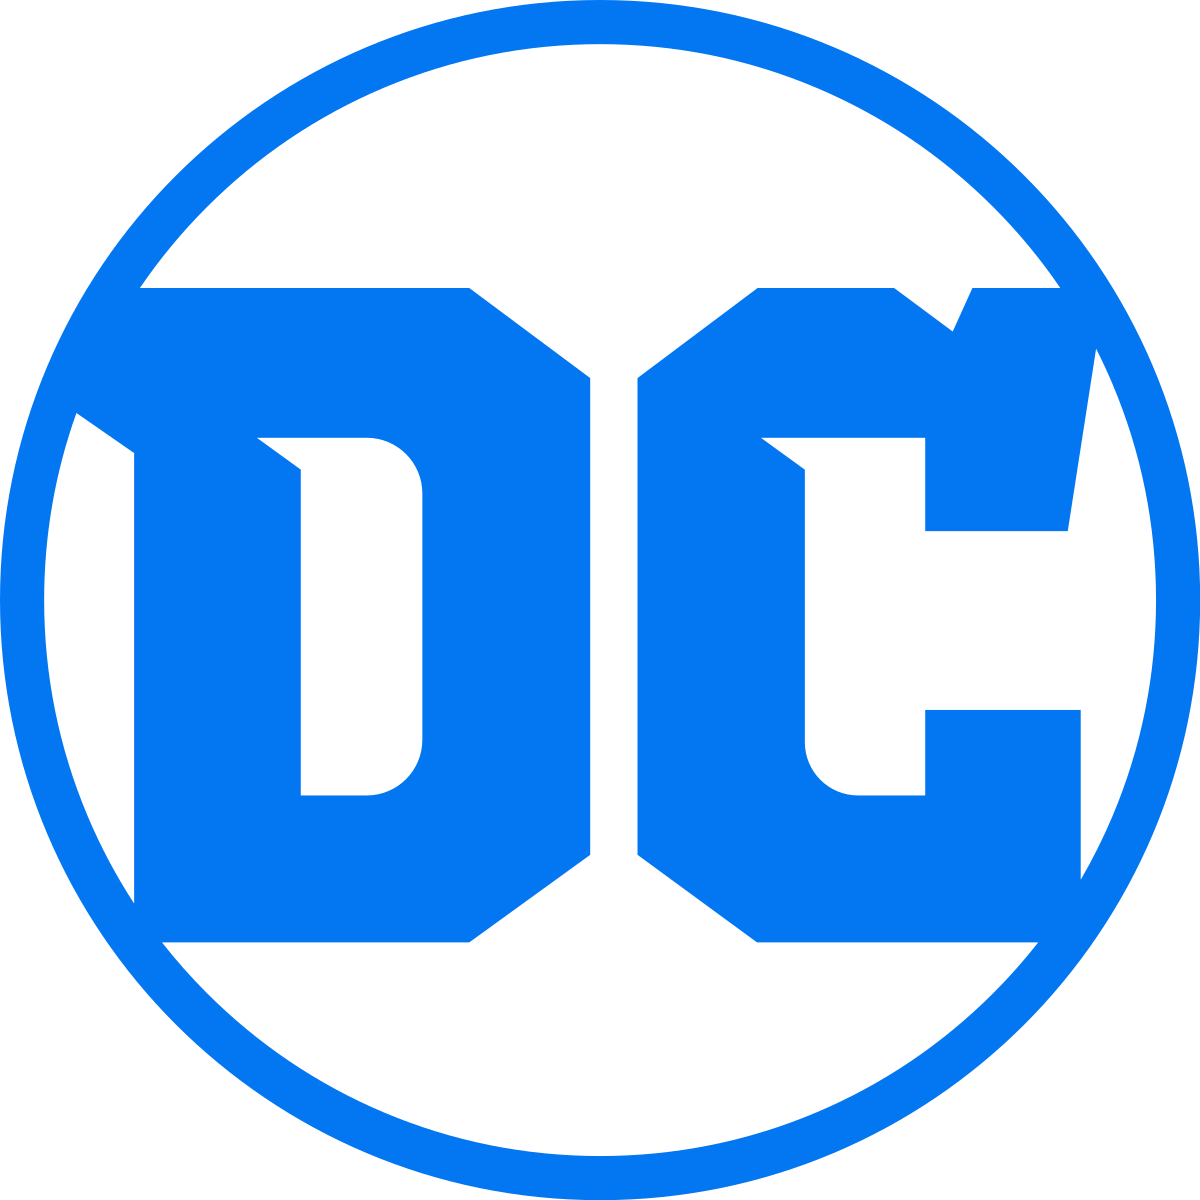 DC Comics - Batwoman (Action Pose) - Pop! Vinyl Figure image